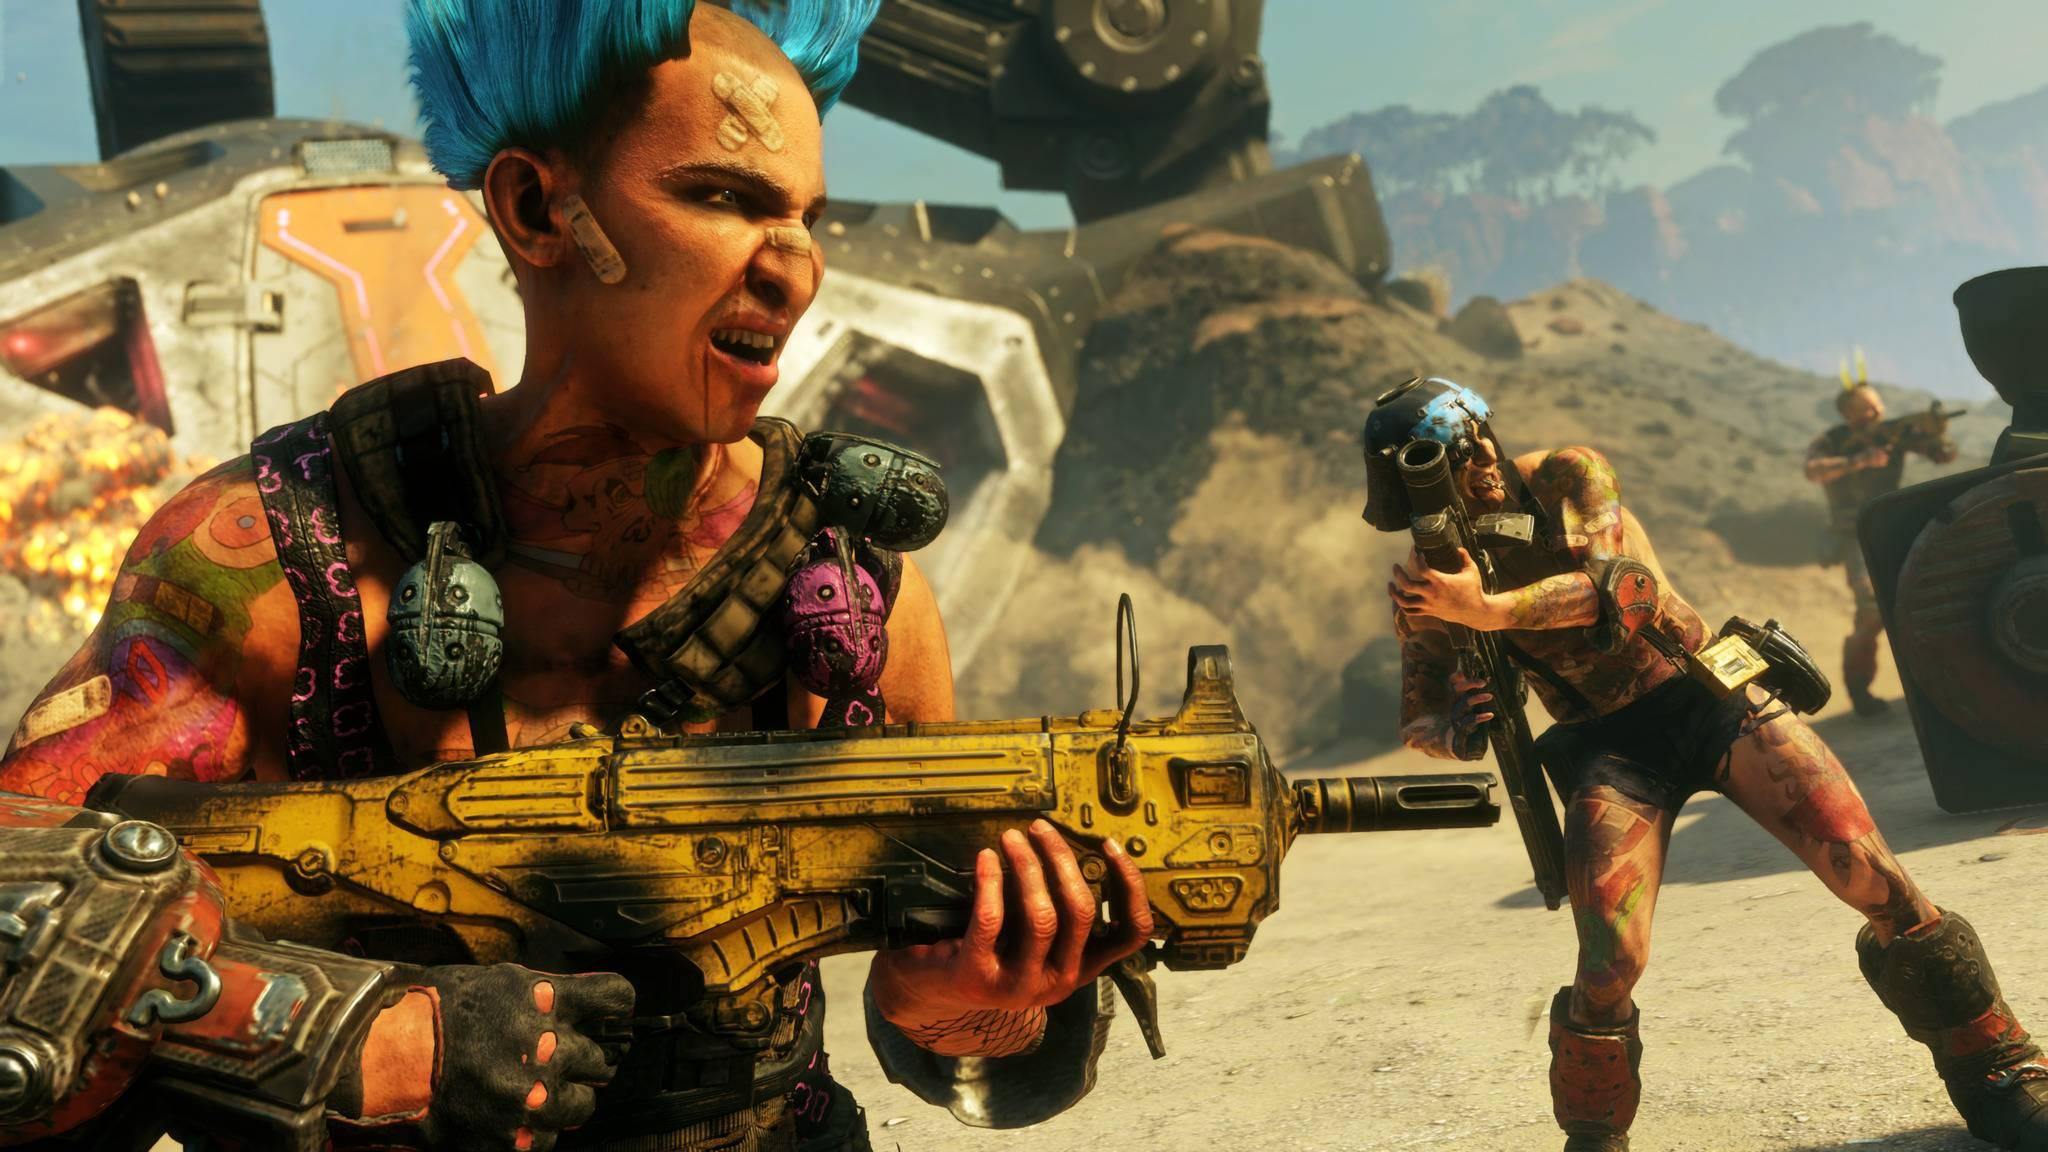 """Apokalypse und Spaß dabei: In """"Rage 2"""" steht durchgeknallte Baller-Action im Vordergrund."""